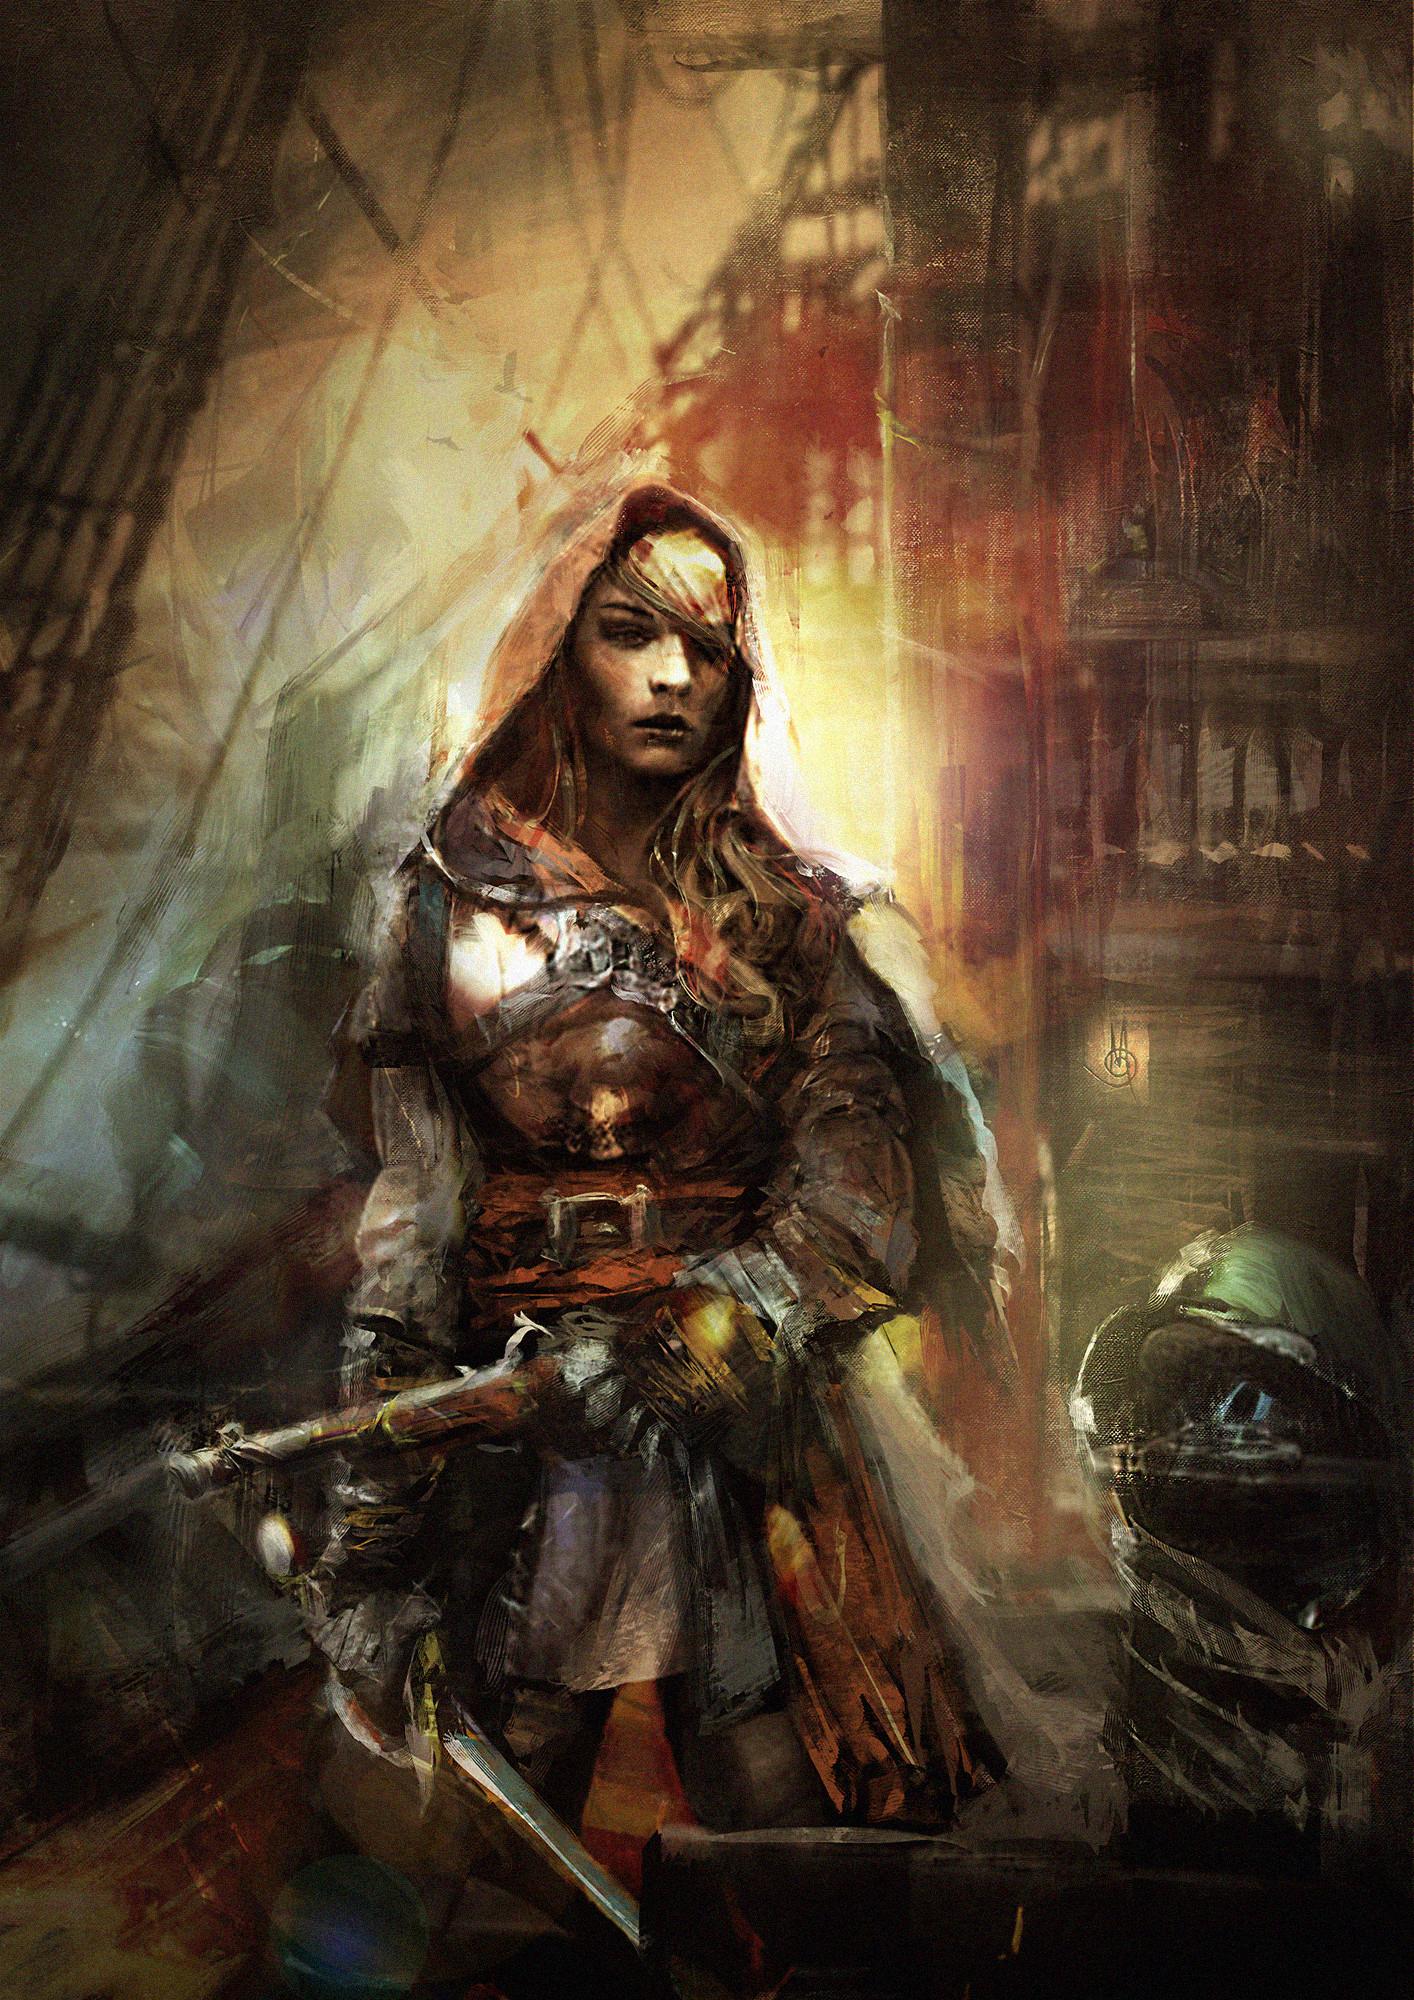 Murat gul assassin by muratgul